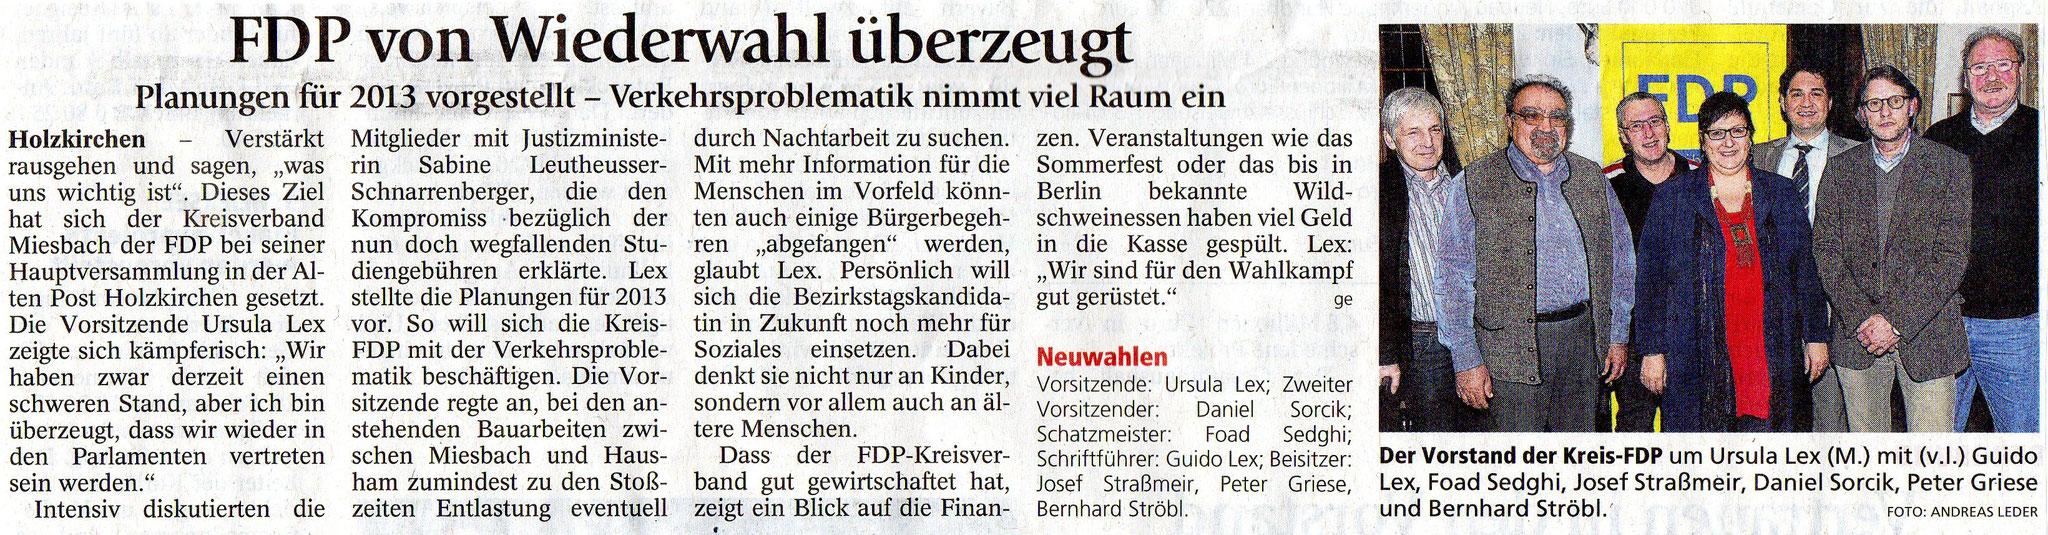 26. Februar 2013: FDP von Wiederwahl überzeugt (.jpg)